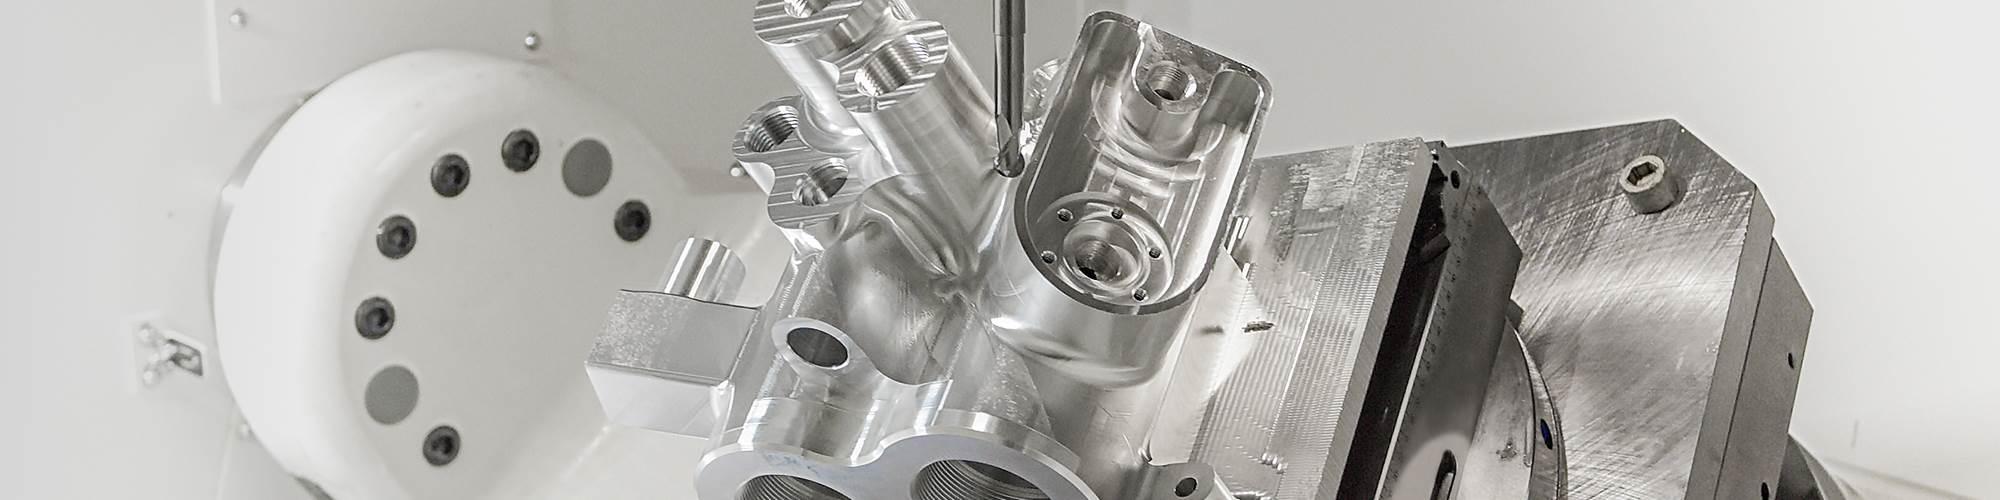 Una carcasa de bomba de aluminio 6061 se somete a operaciones de mecanizado de cinco ejes en una Variaxis i800 Neo de Mazak.